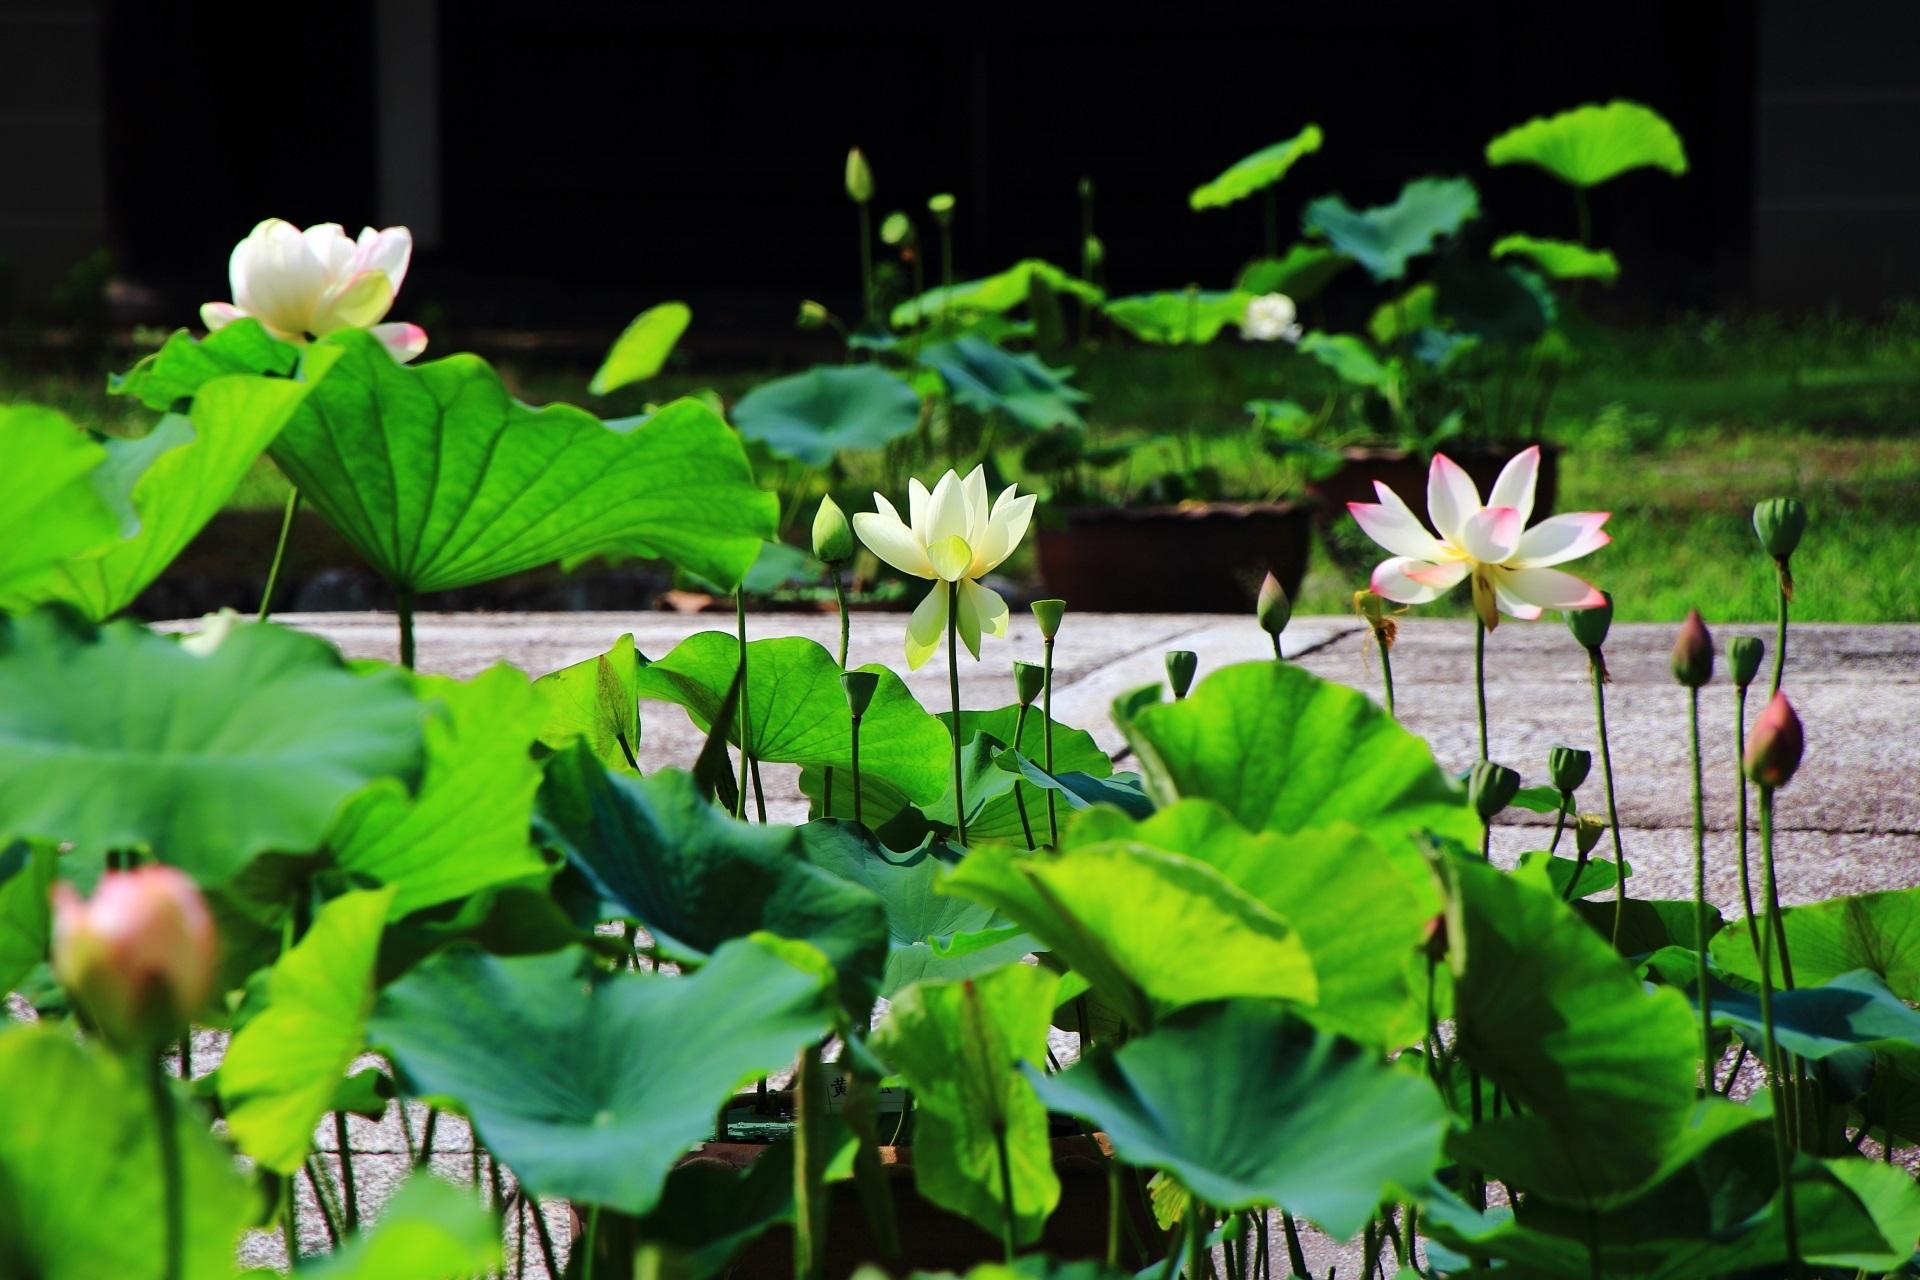 相国寺の勅使門前(勅使門と法堂の間)にある蓮池の放生池